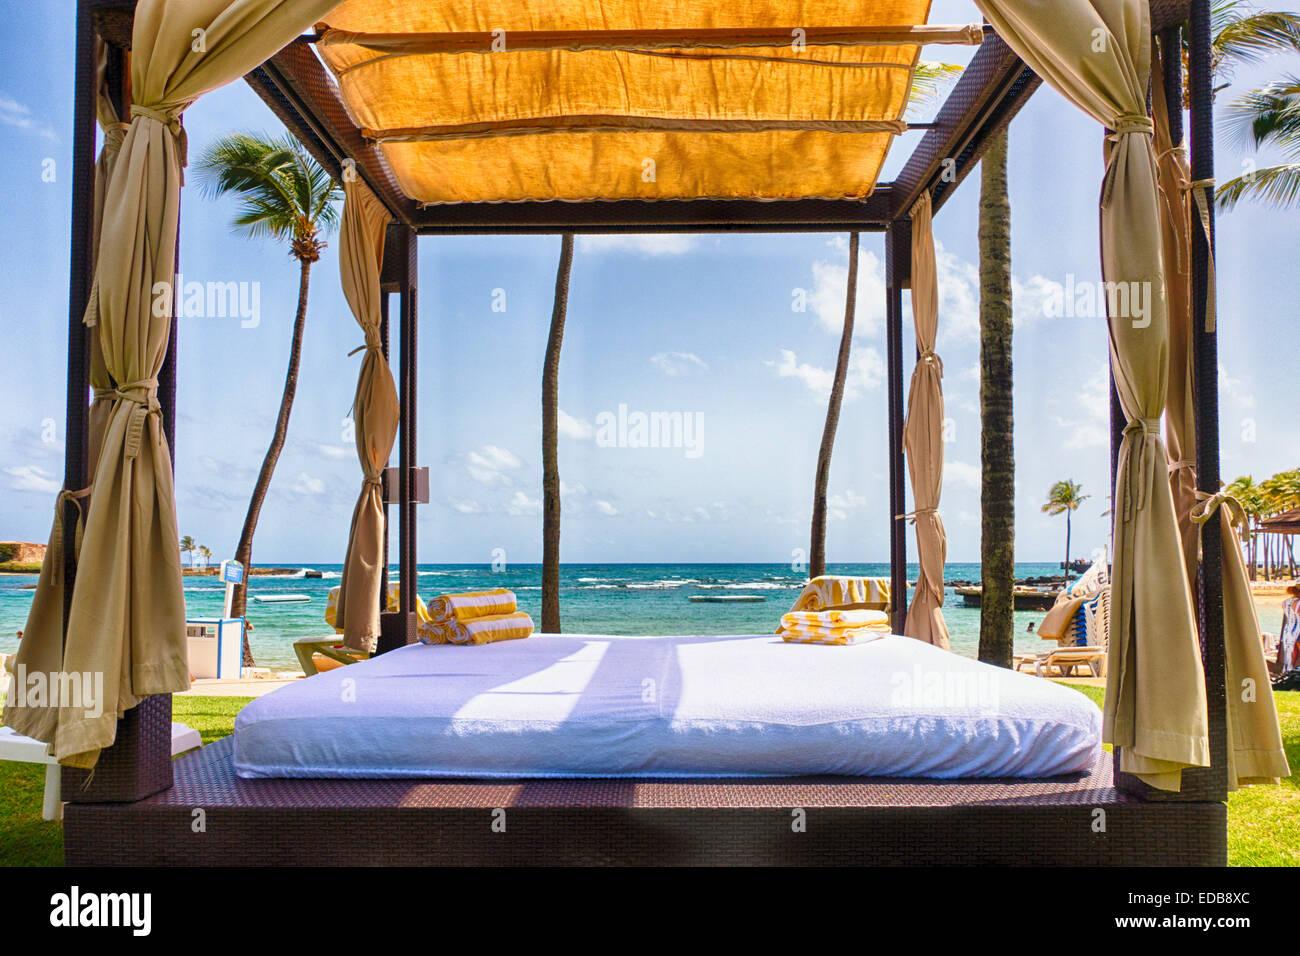 Carpa de la cabaña en una playa del Caribe, San Juan, Puerto Rico Imagen De Stock